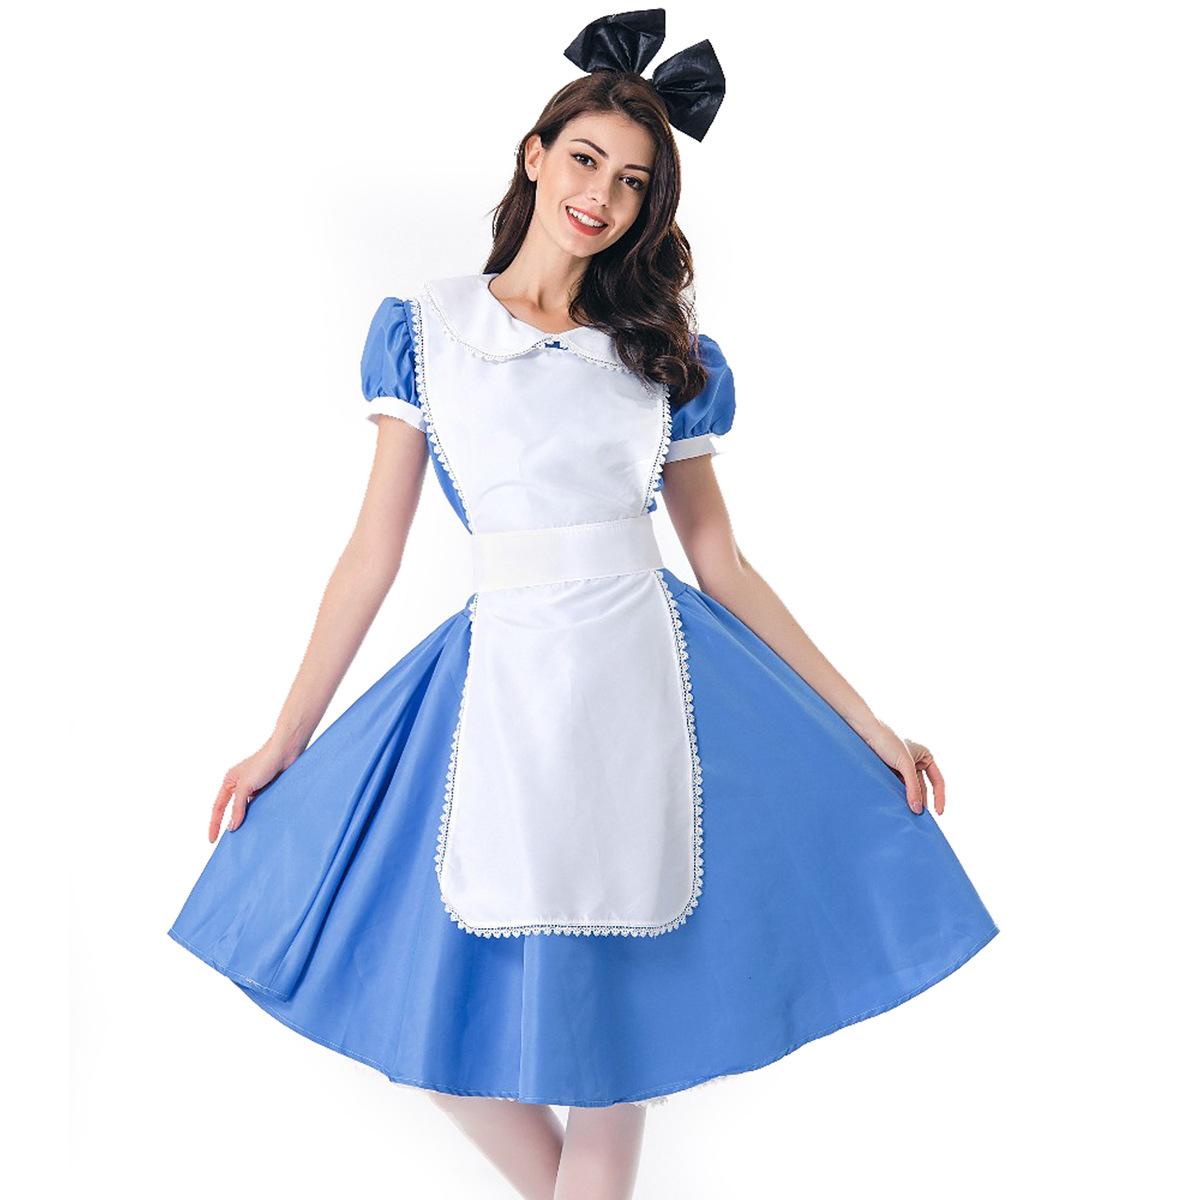 万圣节成人女仆服装女佣装角色扮演舞台演出服装咖啡厅服务员制服